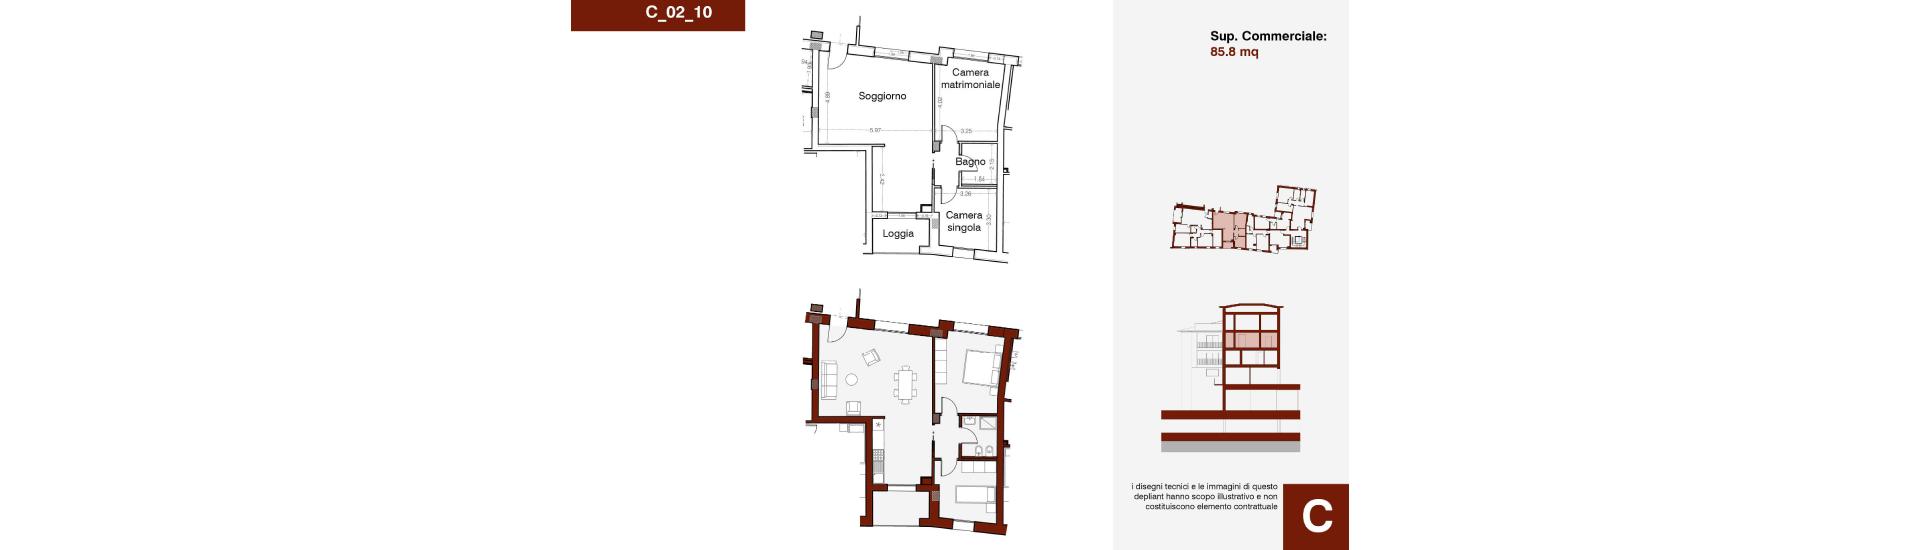 Edificio C, C_02_10, immagine completa